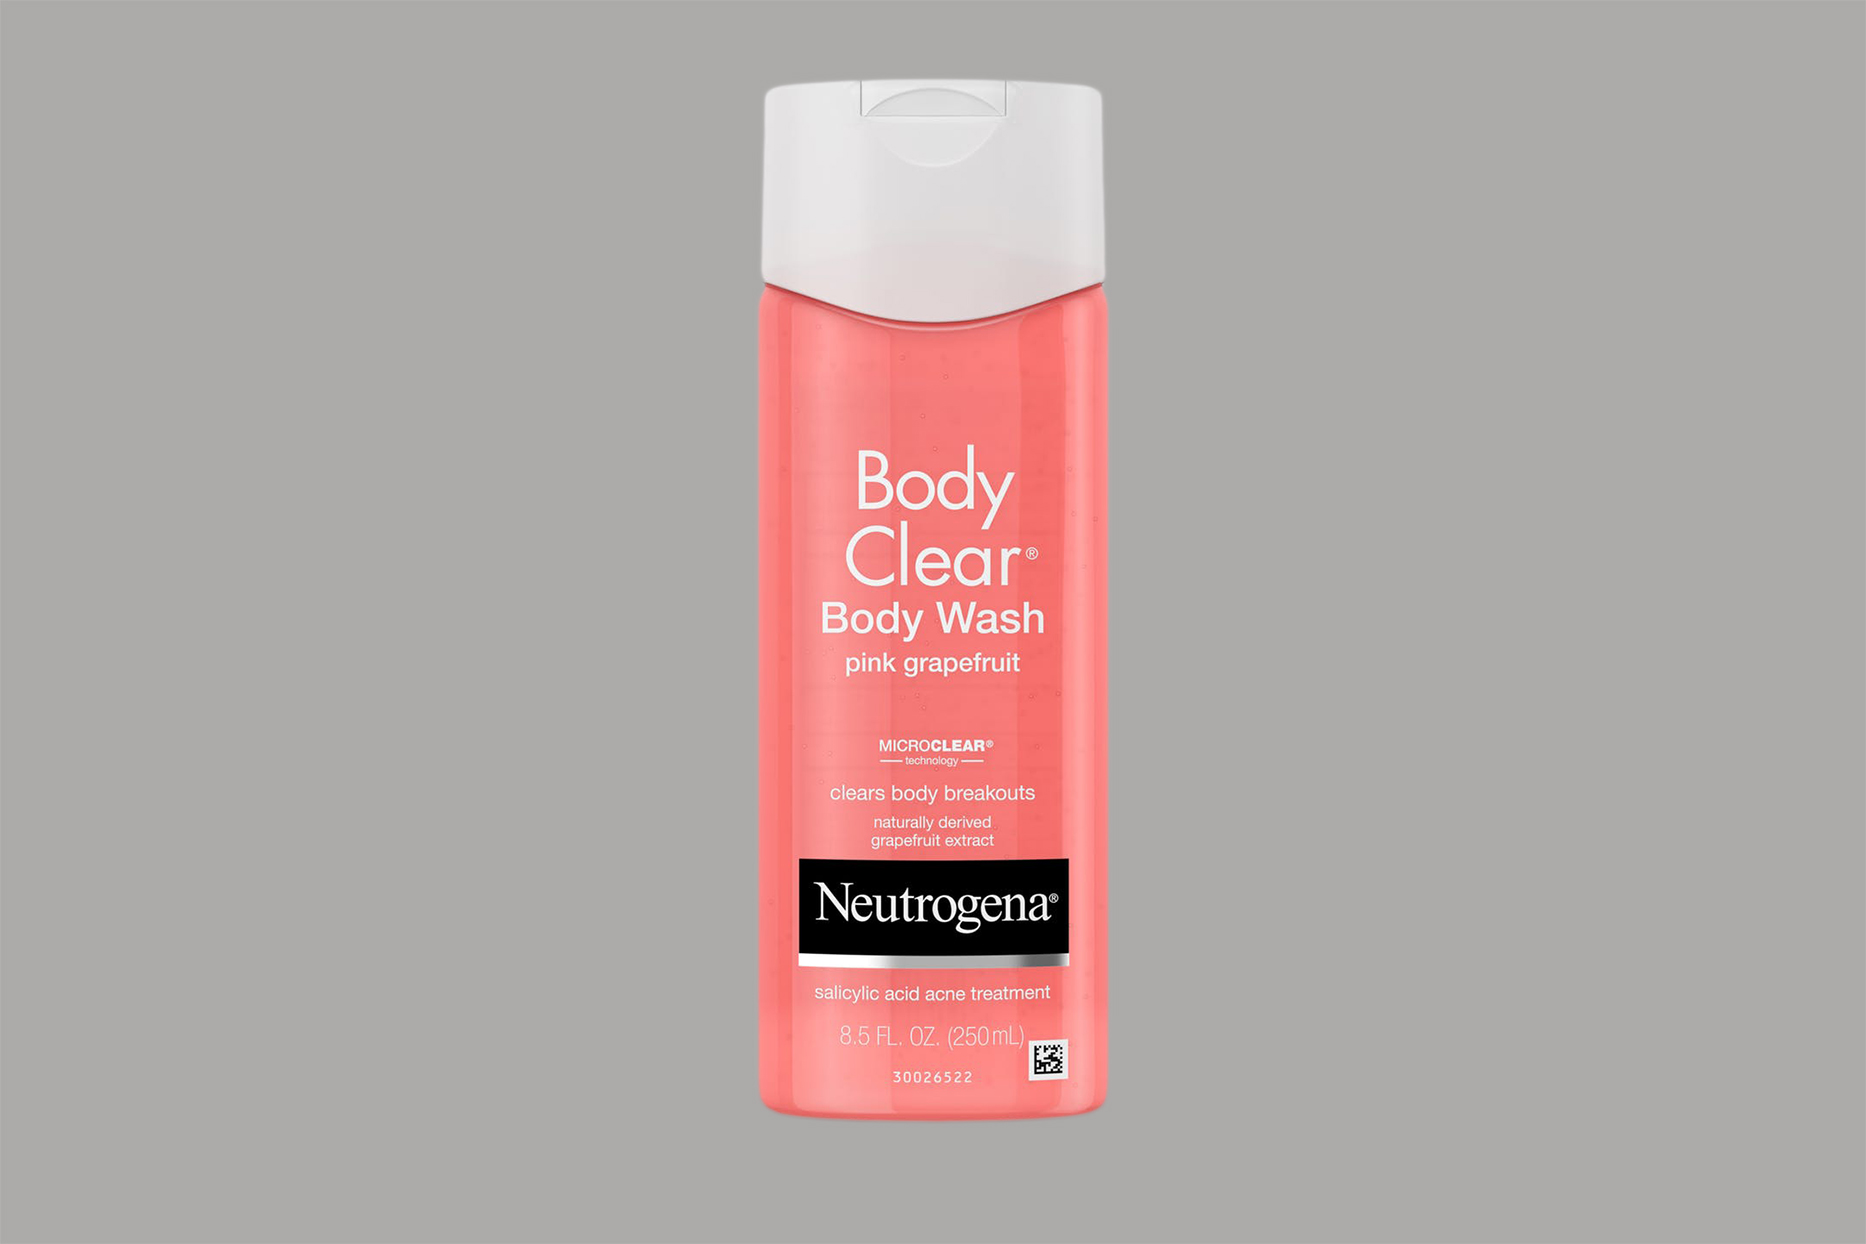 Neutrogena Body Clear Pink Grapefruit Salicylic Acid Acne Treatment Body Wash